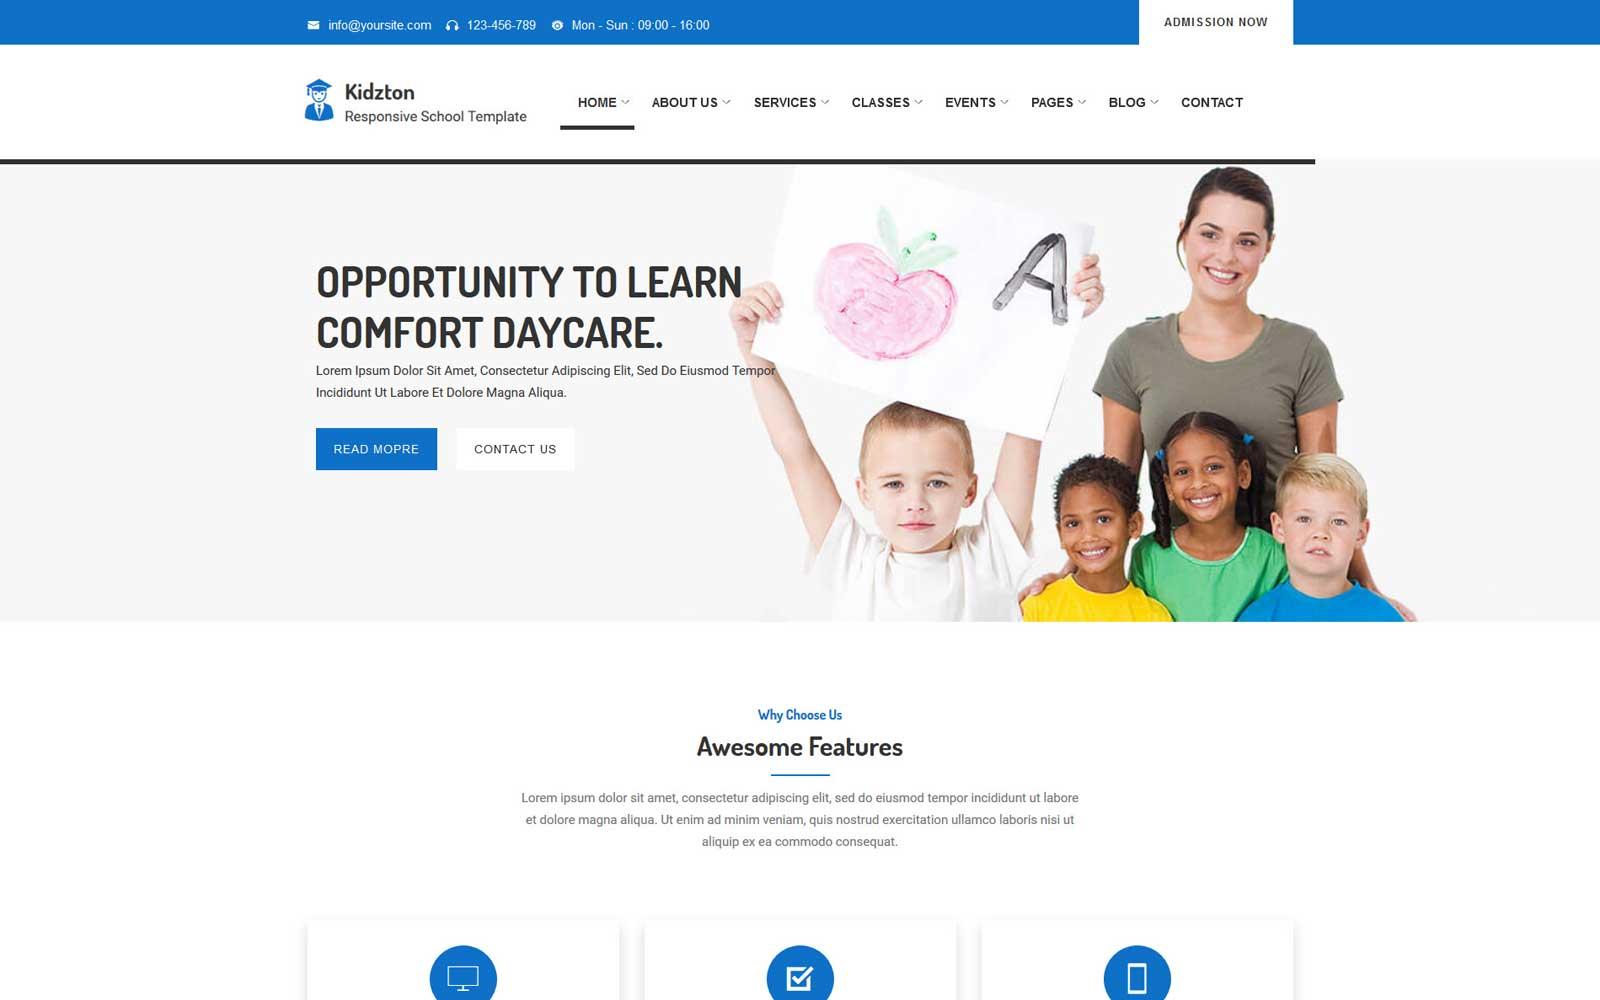 Kidzton - Responsive School Website Template